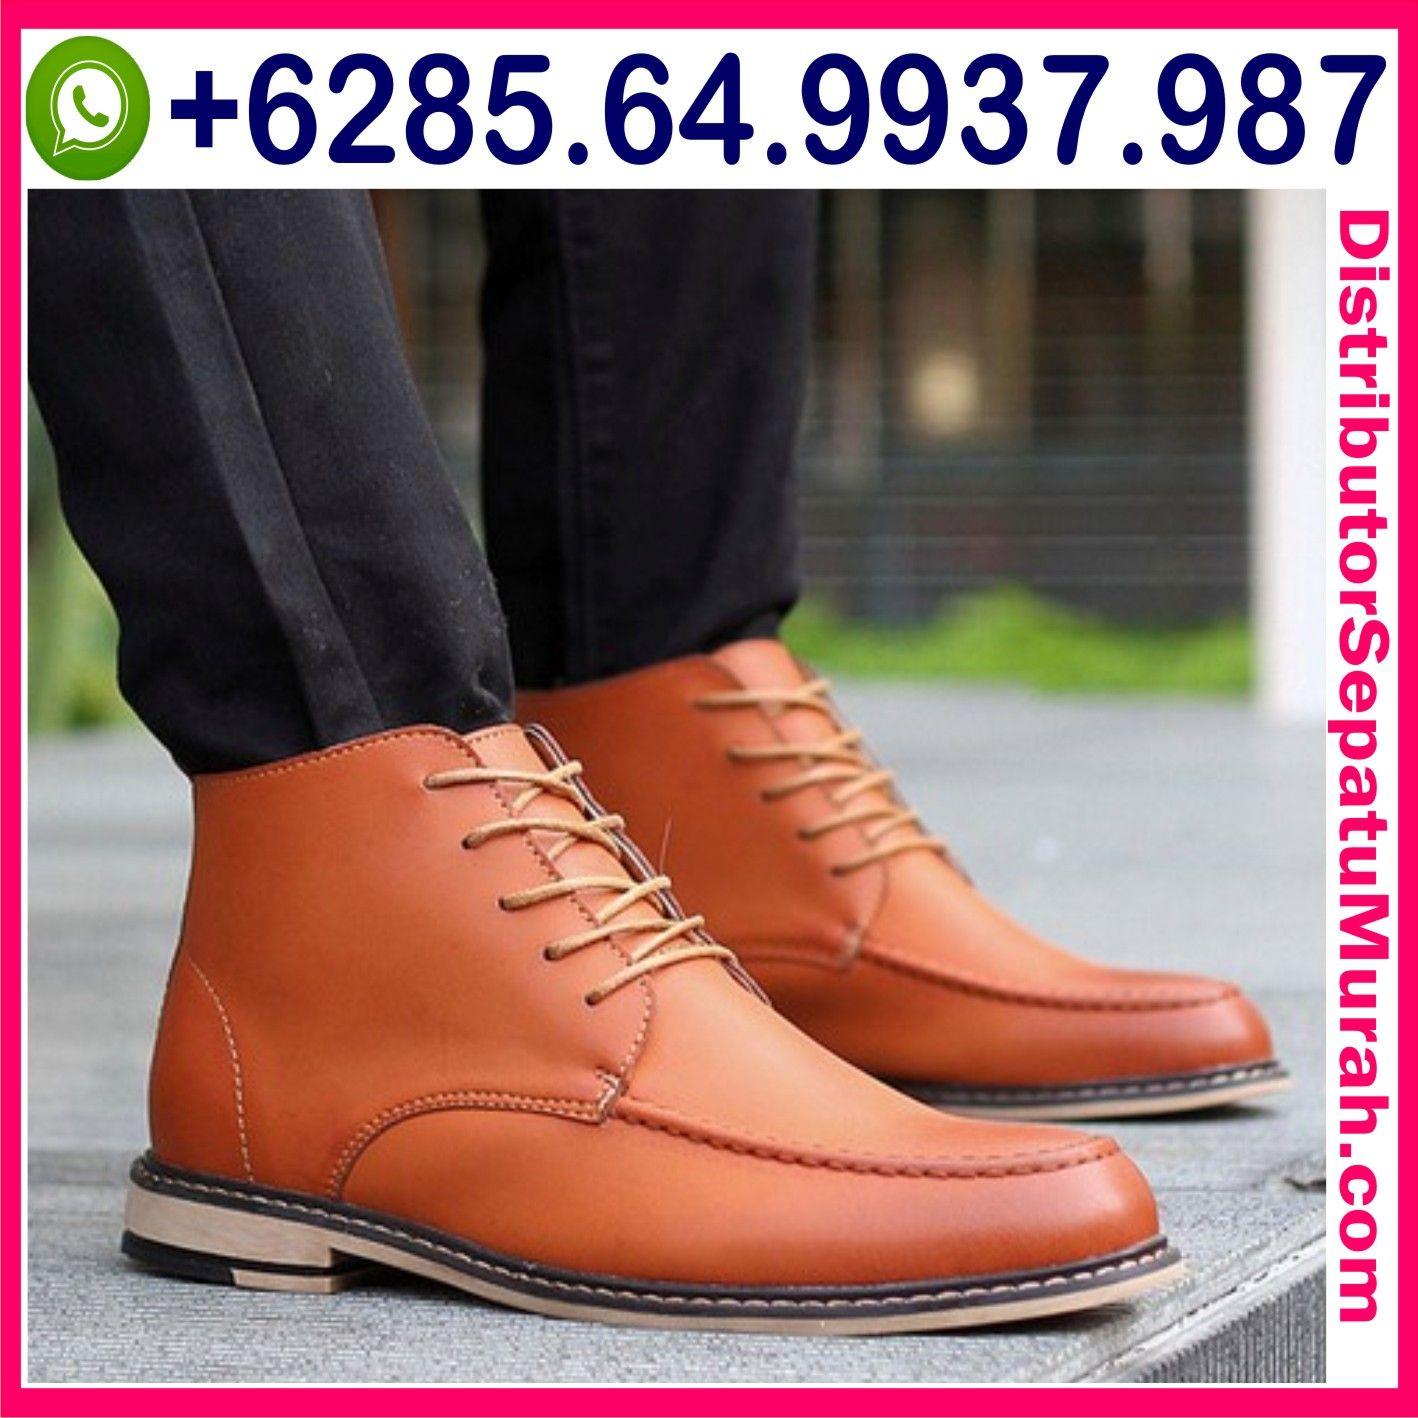 SEPATU PRIA Sepatu perempuan, Sepatu, Model sepatu